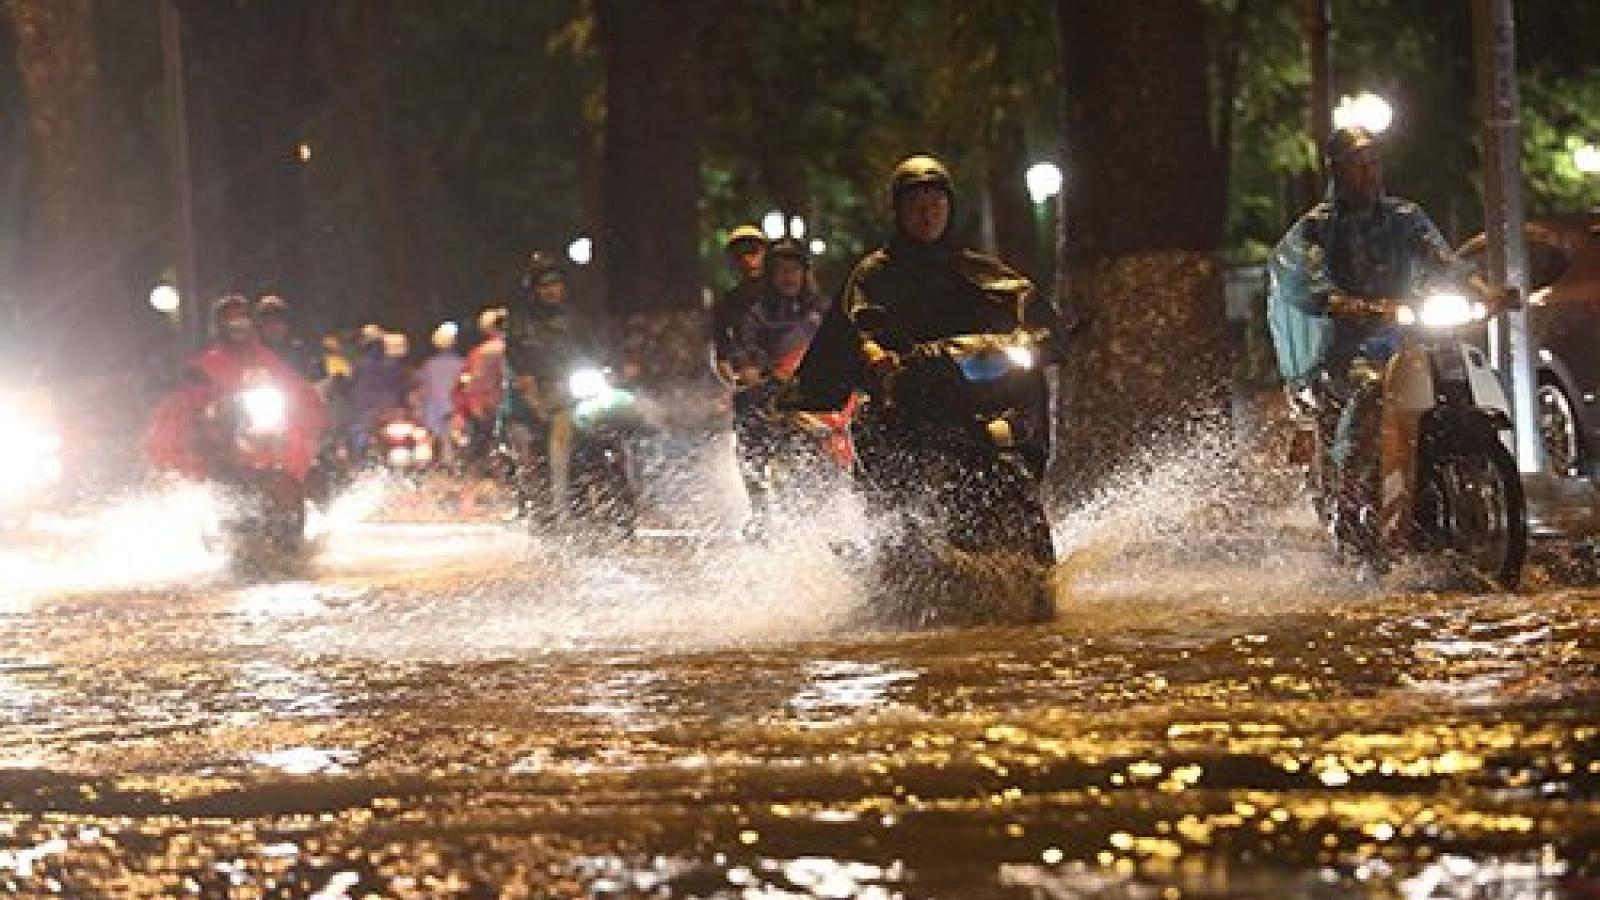 Dự báo thời tiết hôm nay 21/5: Hà Nội mưa to, khả năng xảy ra lốc, sét và gió mạnh